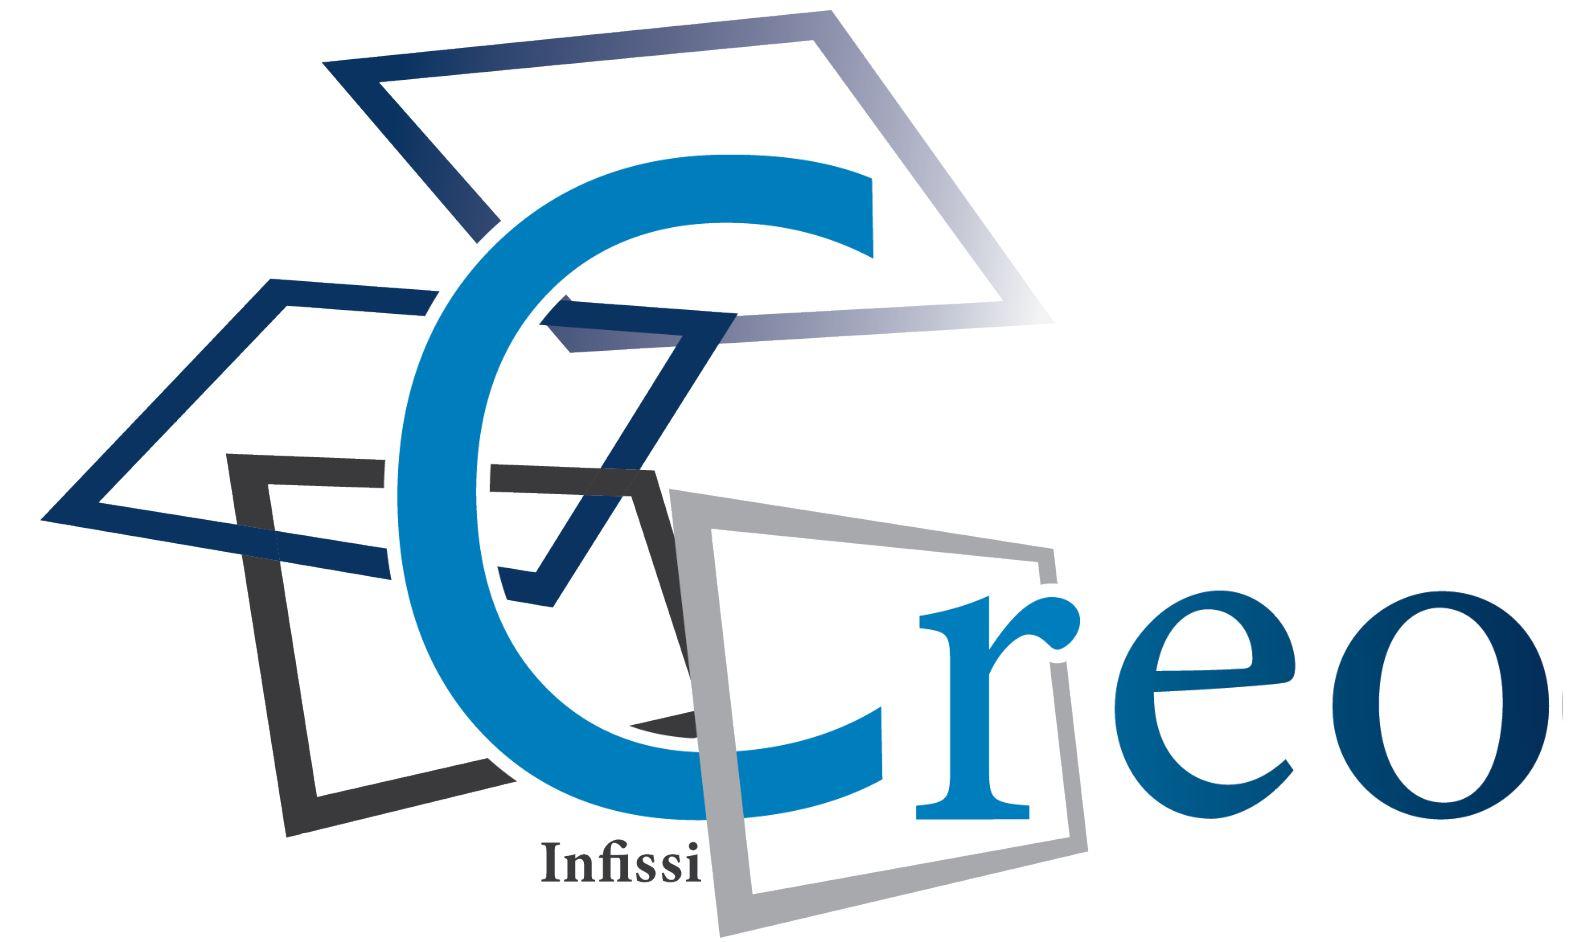 CREO PRODUZIONE REALIZZAZIONE INFISSI PVC E ALLUMINIO ISOLAMENTO TERMICO ACUSTICO INFISSI IN PVC RISPARMIO ENERGETICO